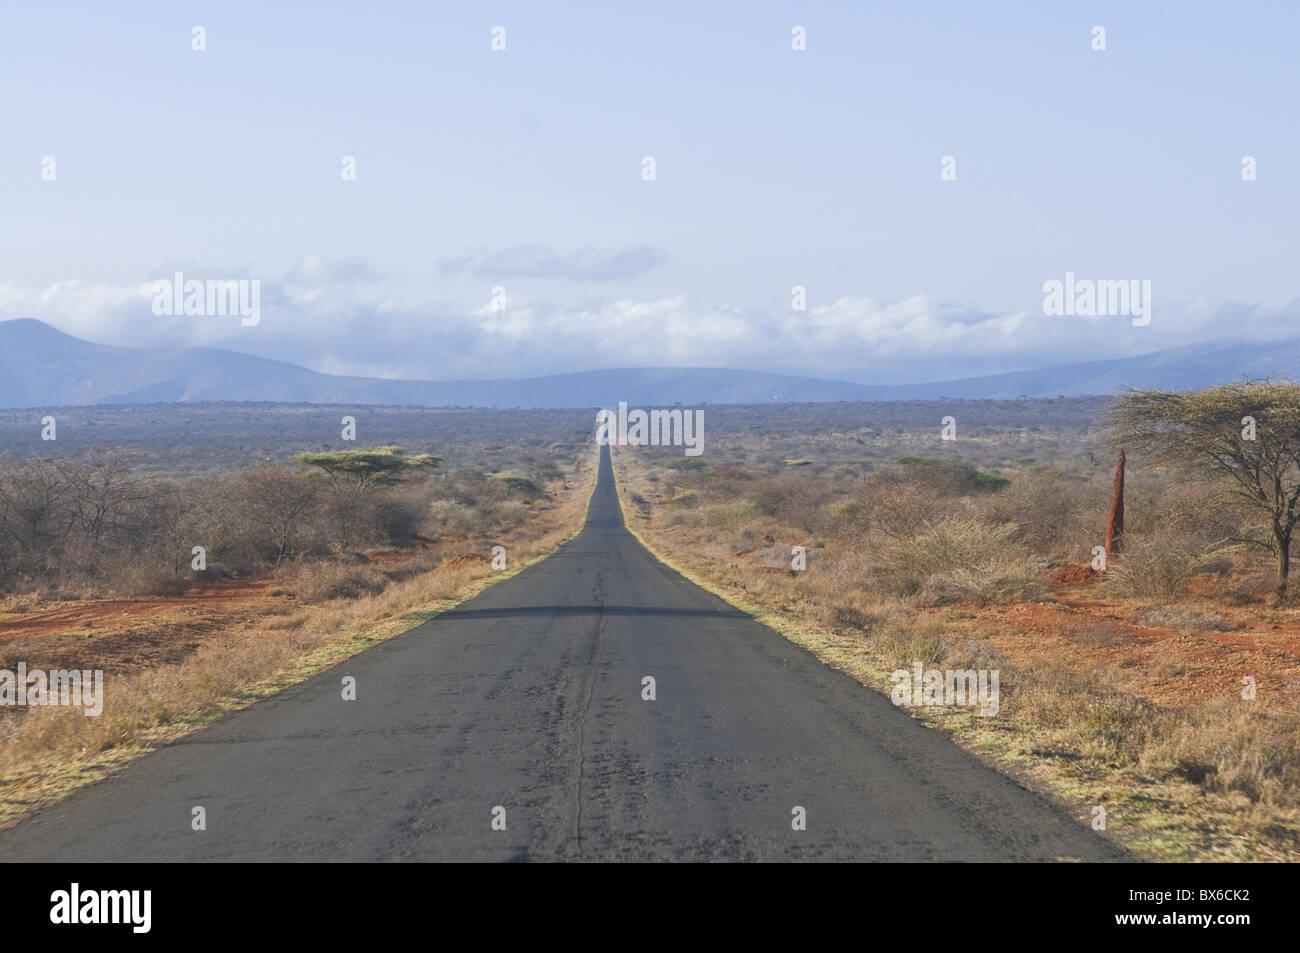 Droit Chemin menant vers le Kenya au sud de l'Éthiopie, l'Afrique Photo Stock